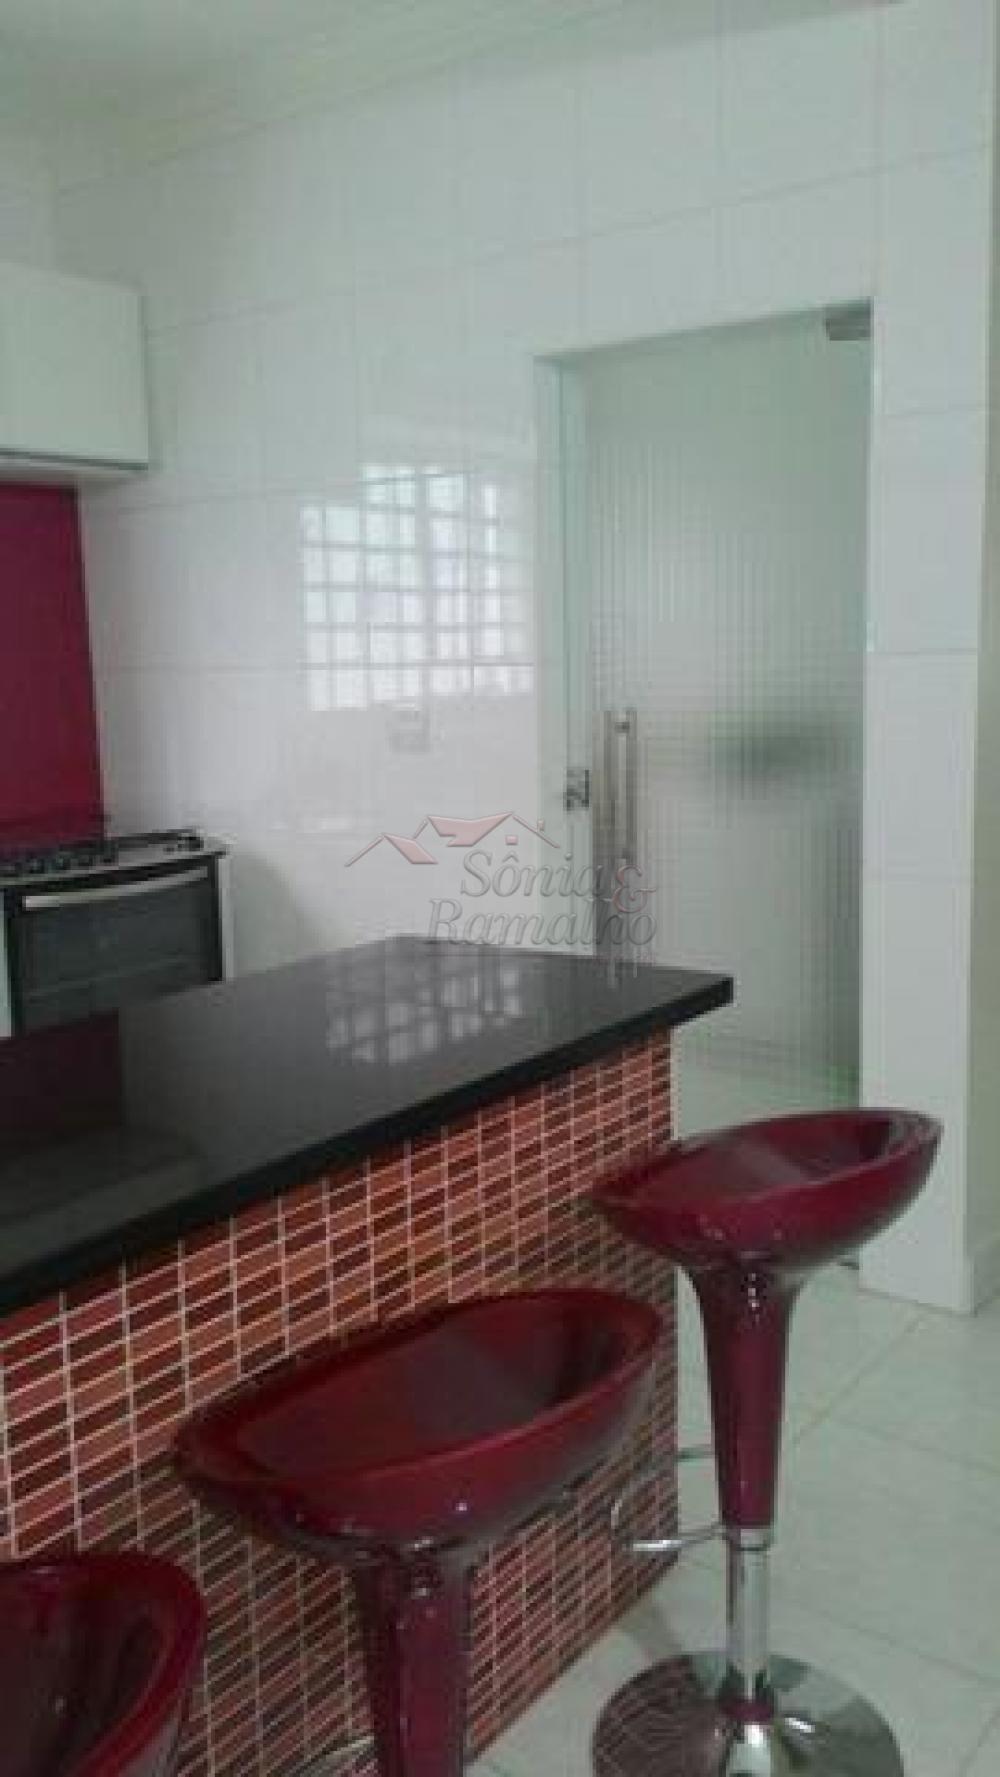 Comprar Casas / Padrão em Ribeirão Preto apenas R$ 550.000,00 - Foto 12